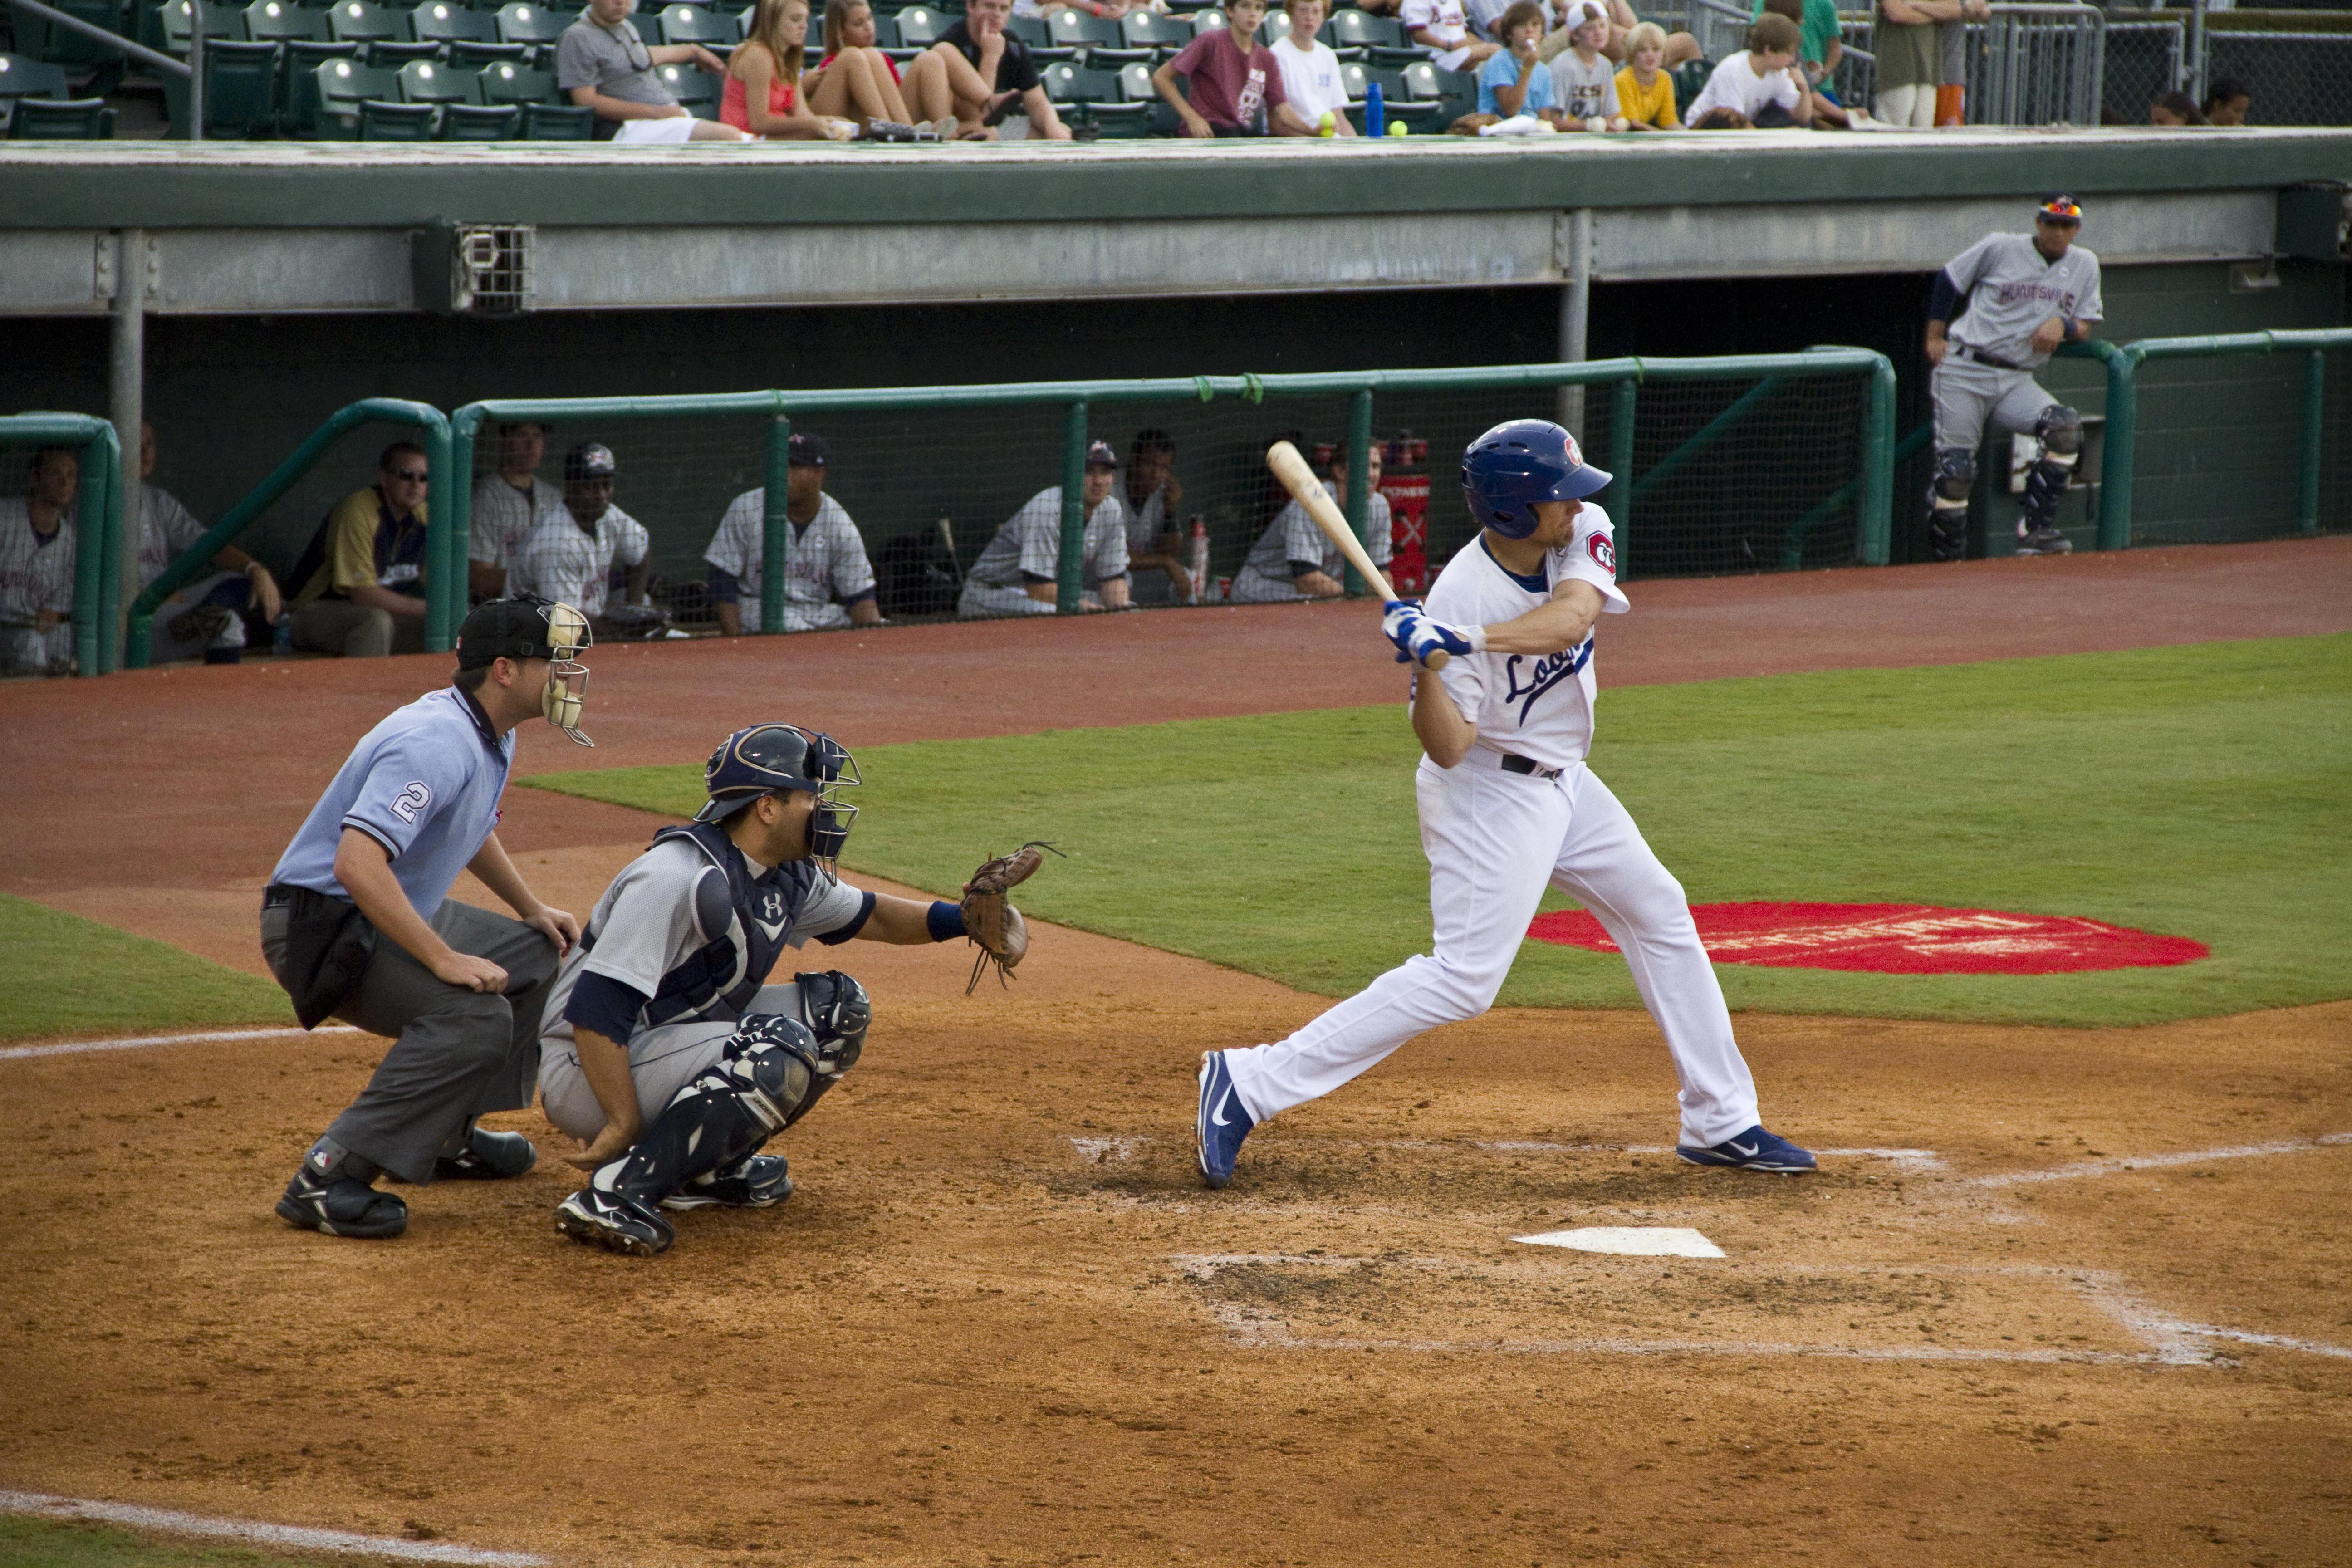 Player at Bat